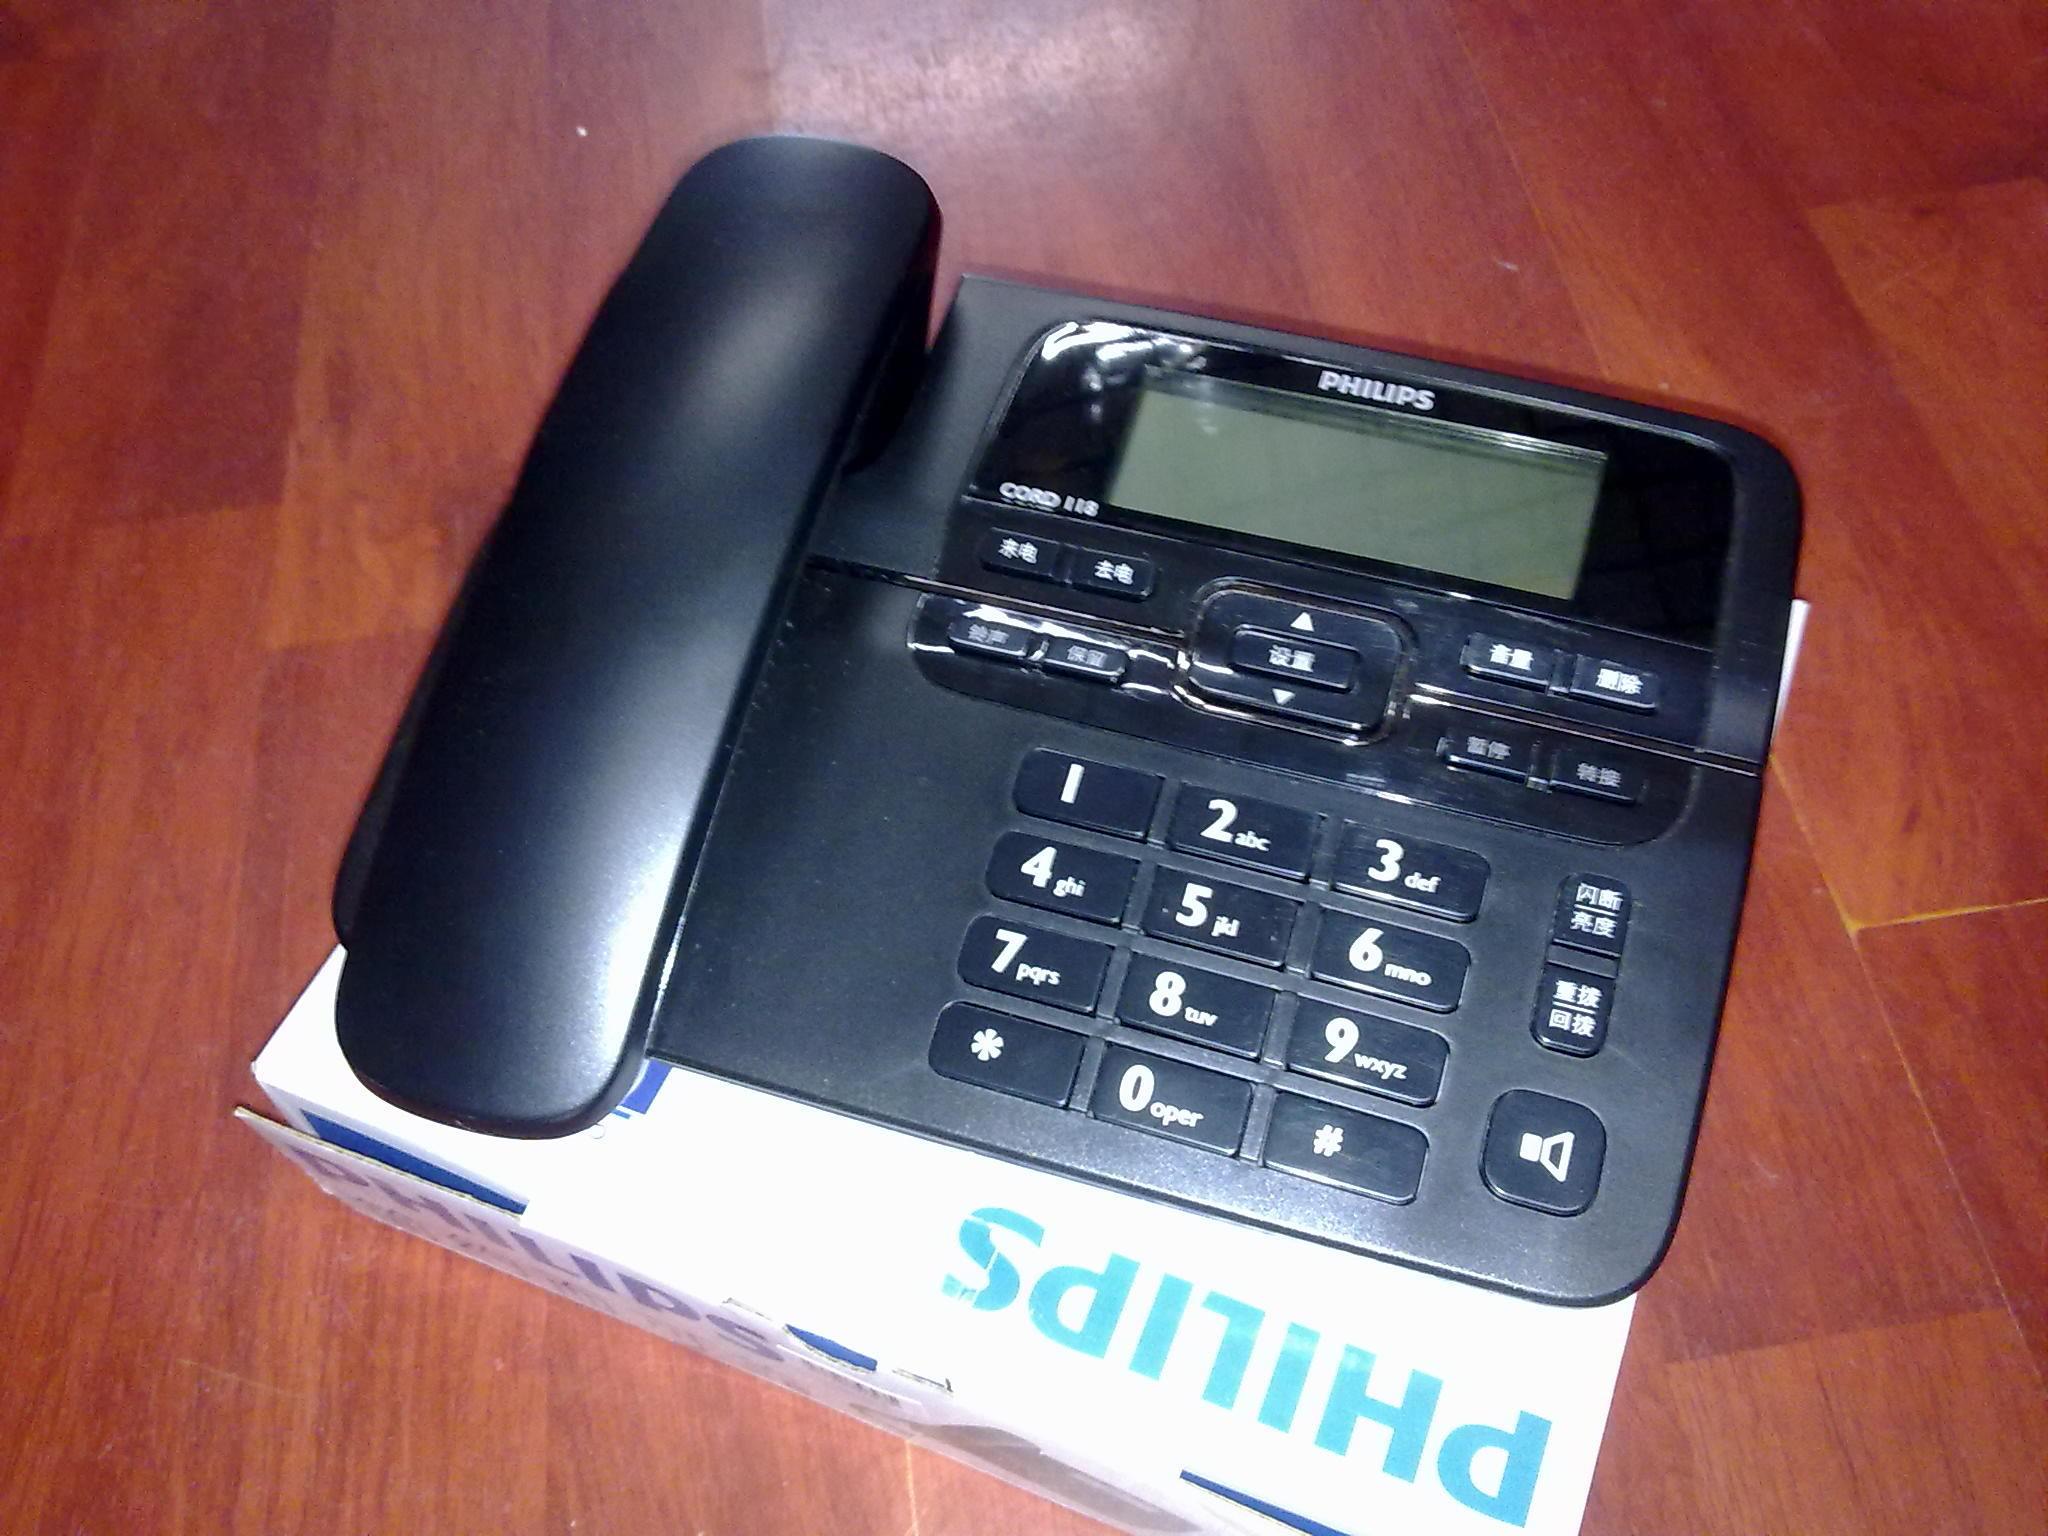 Проводной и DECT-телефон Philips  118 проводной и dect телефон philips cord118b cord 118